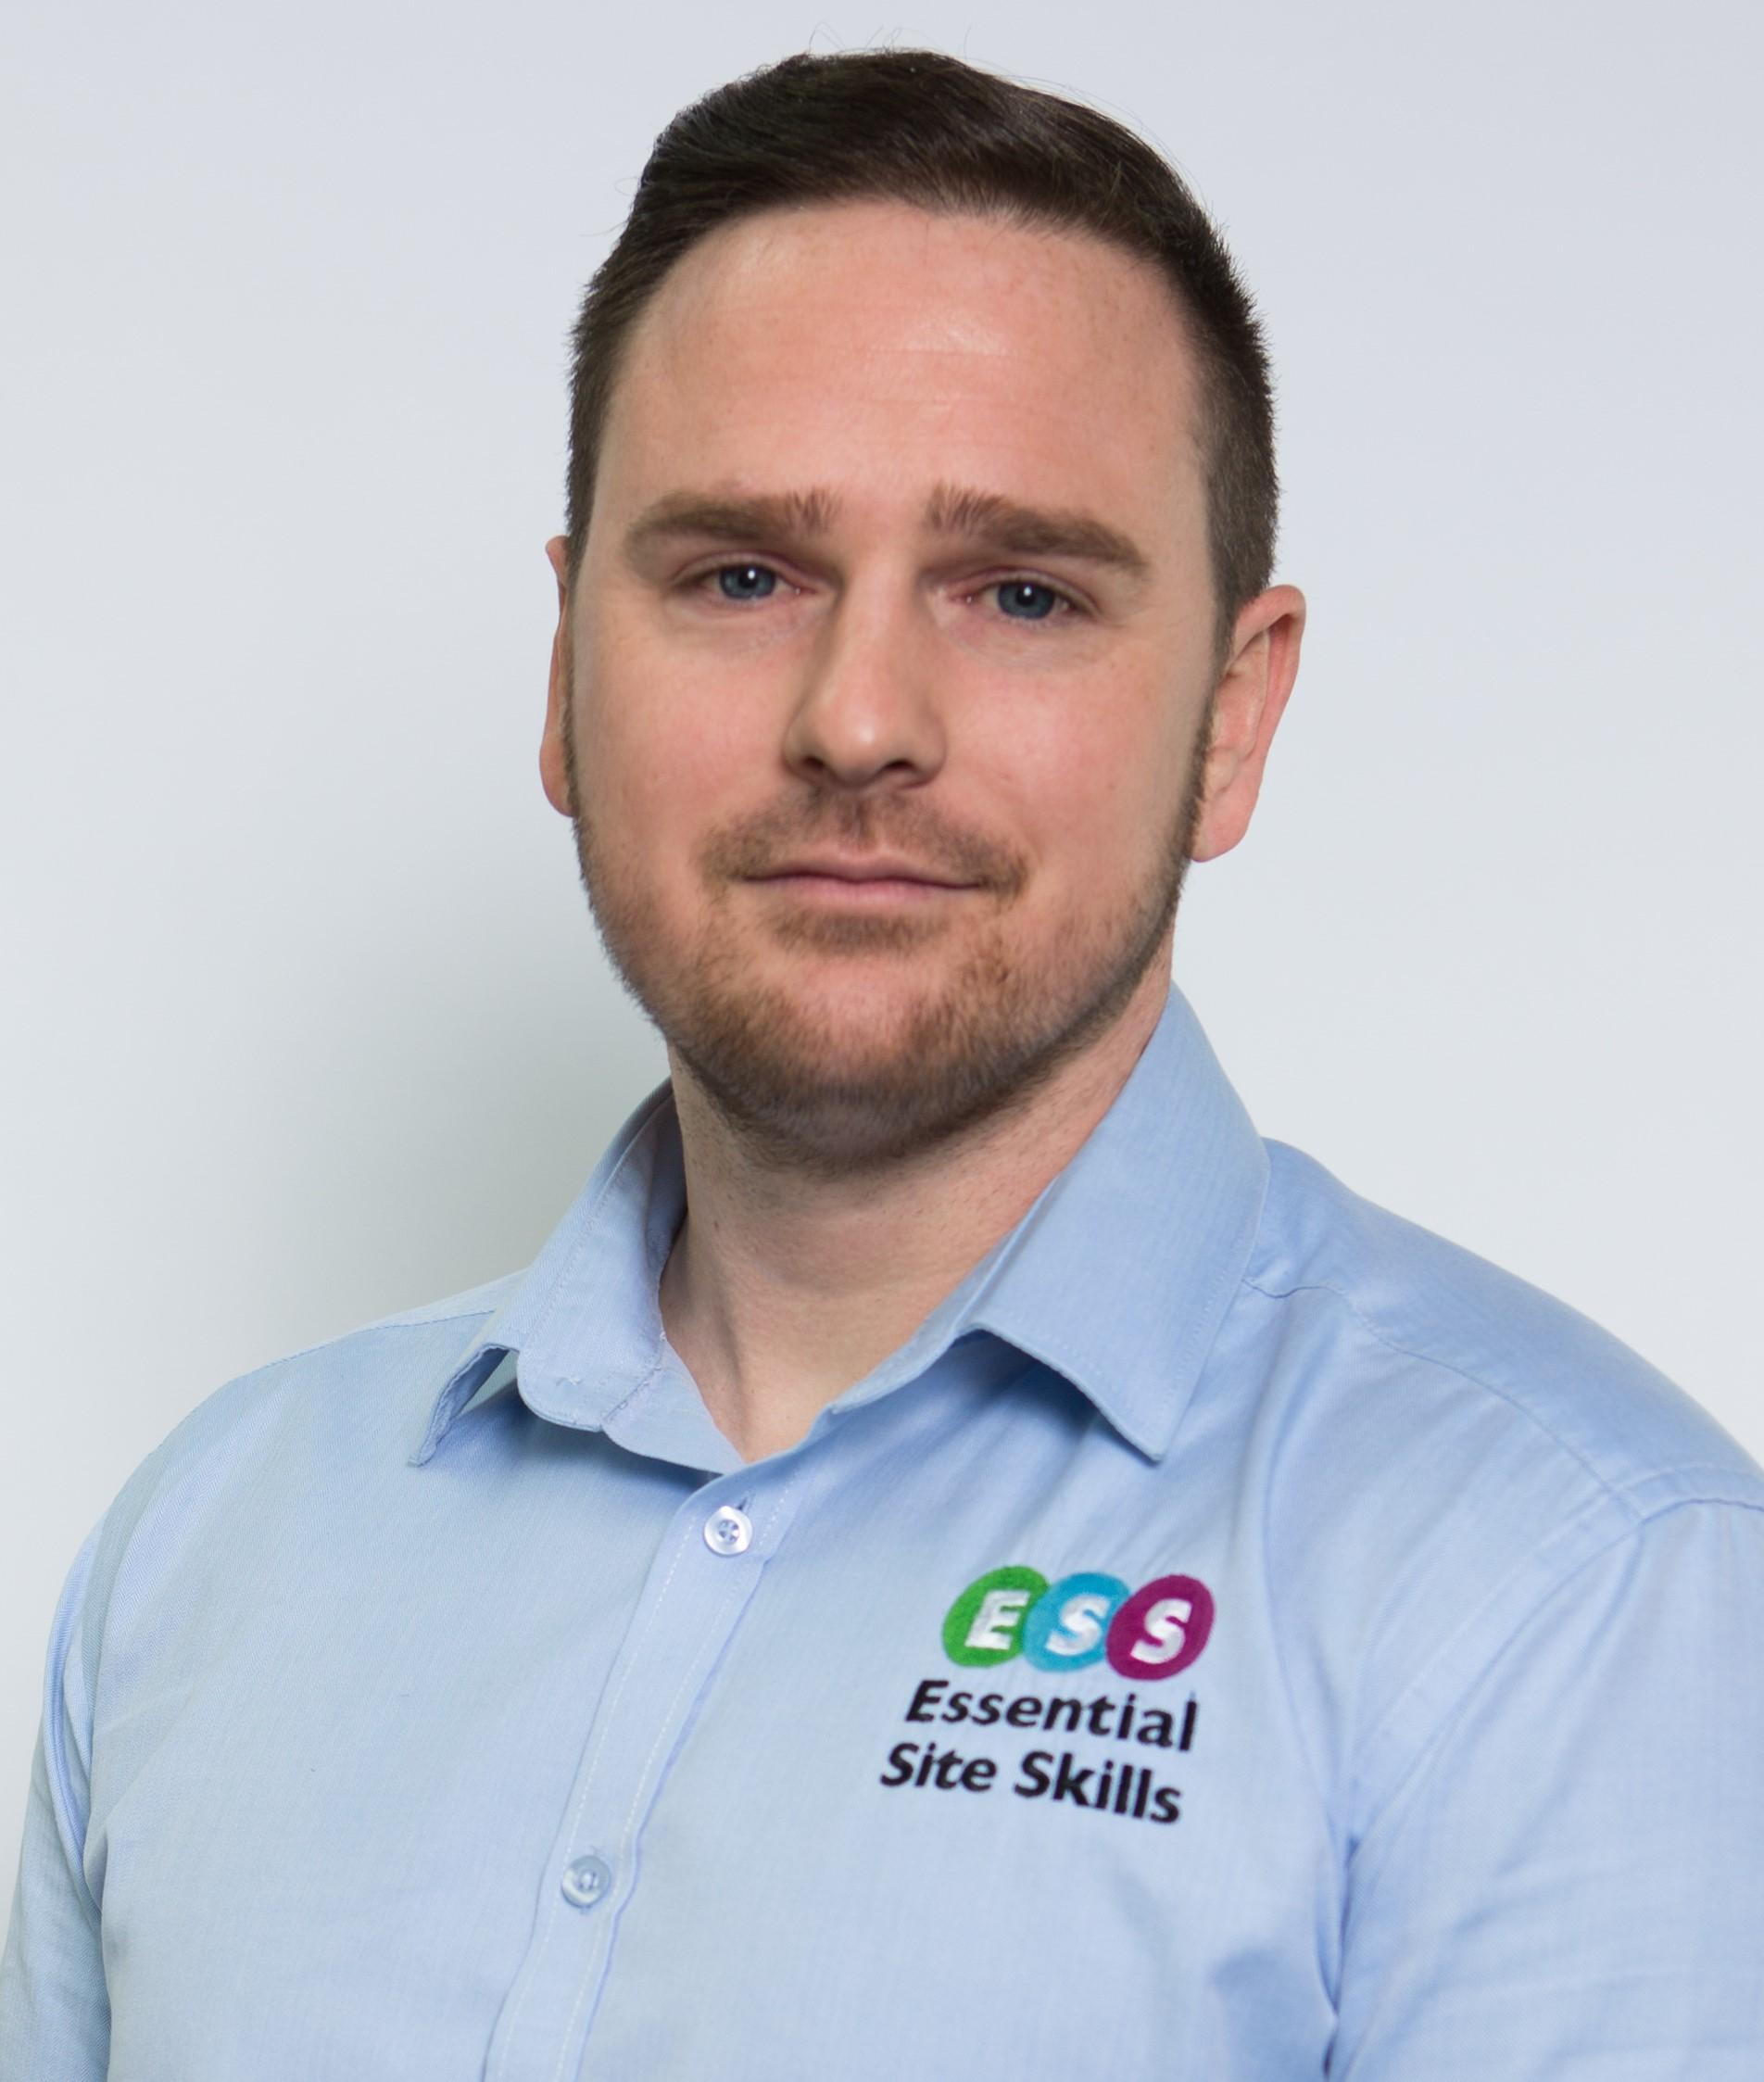 Darren O'Neill